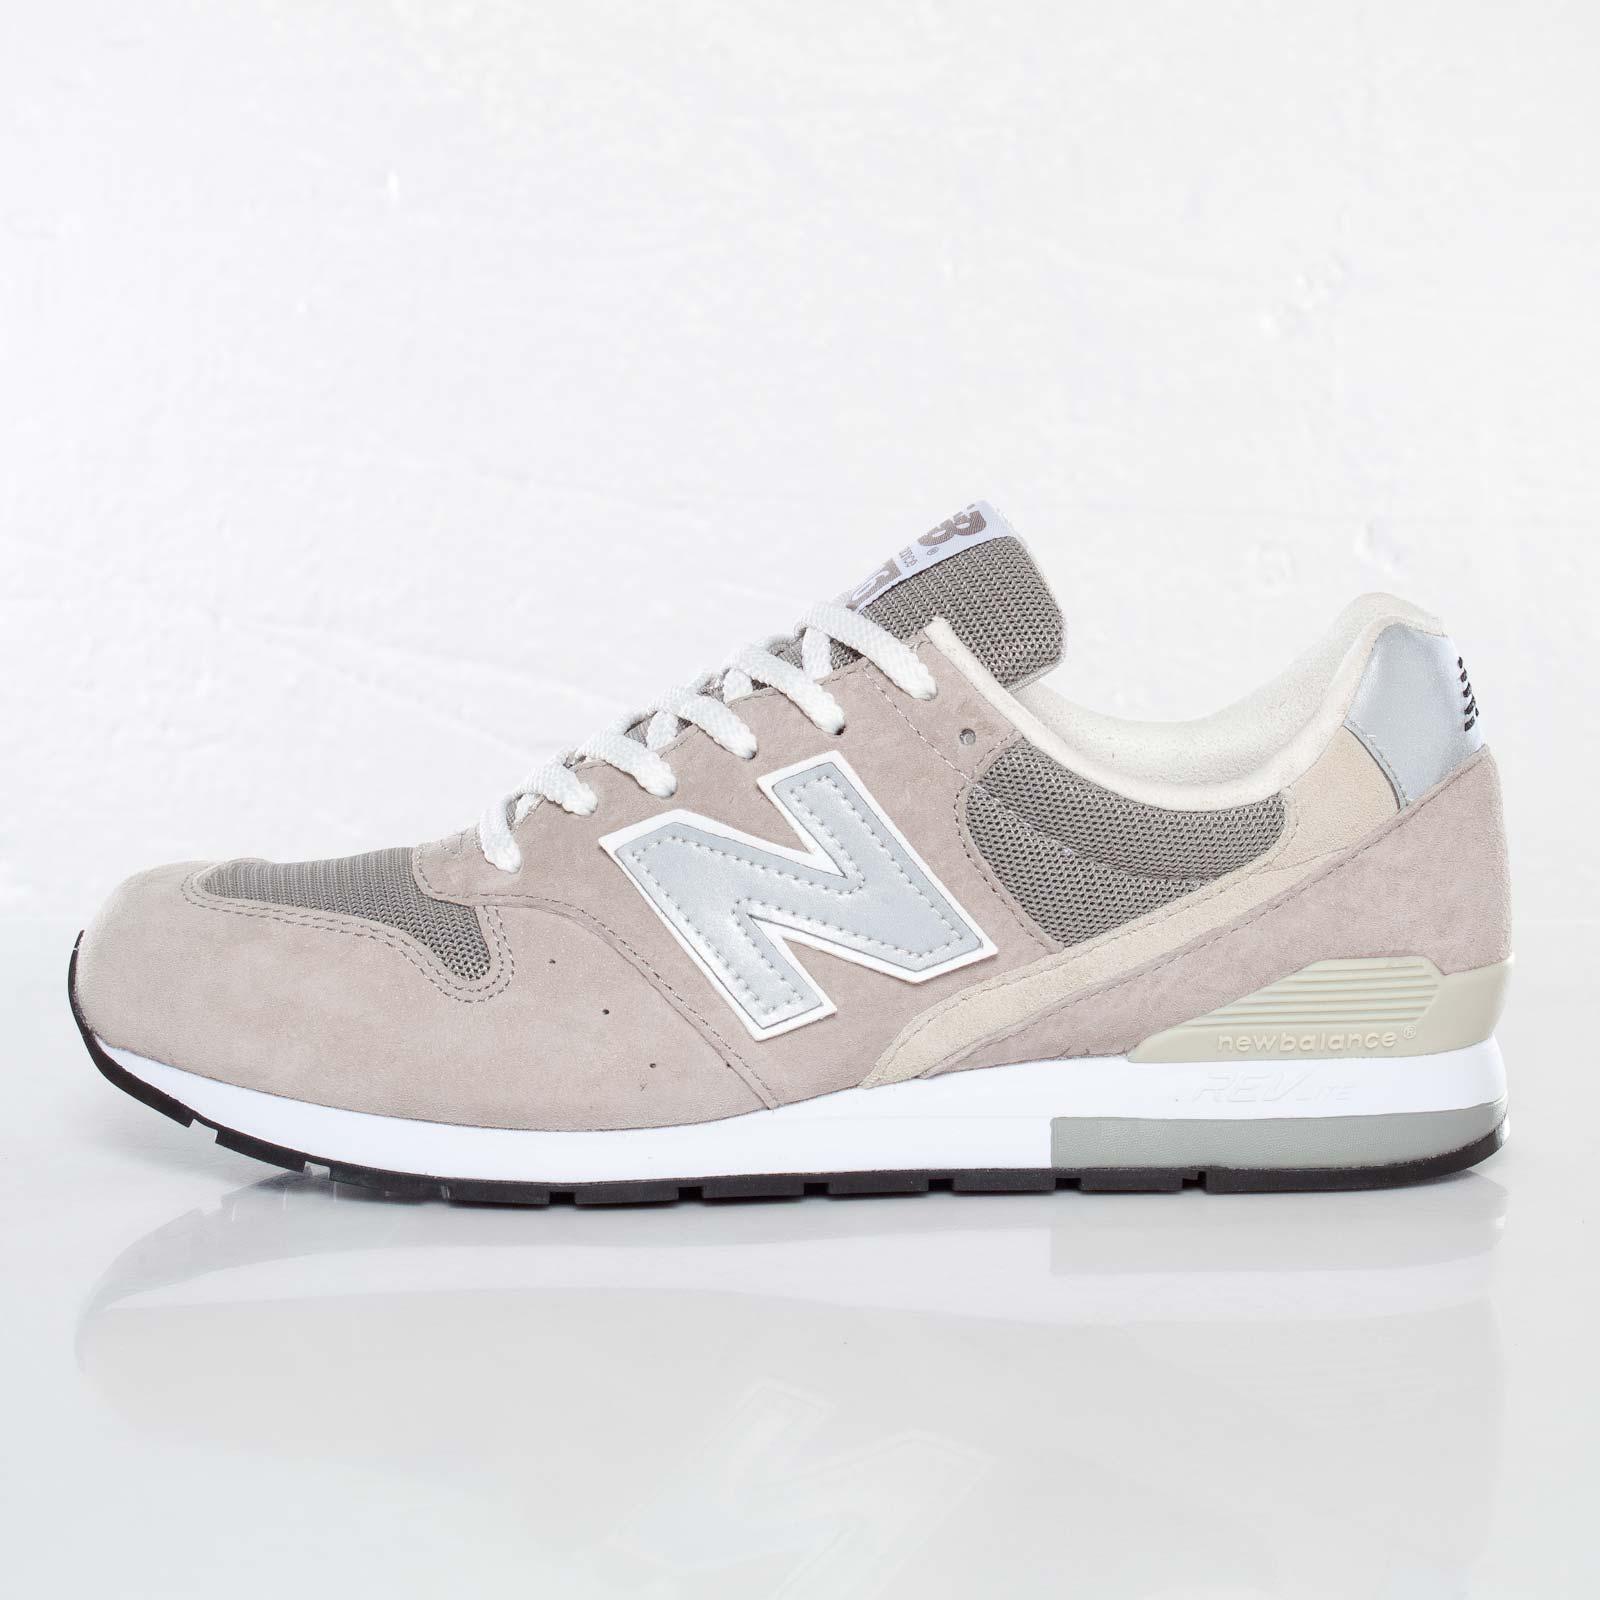 Mrl996 Chaussures Gris New Balance 33sDVDbCHN